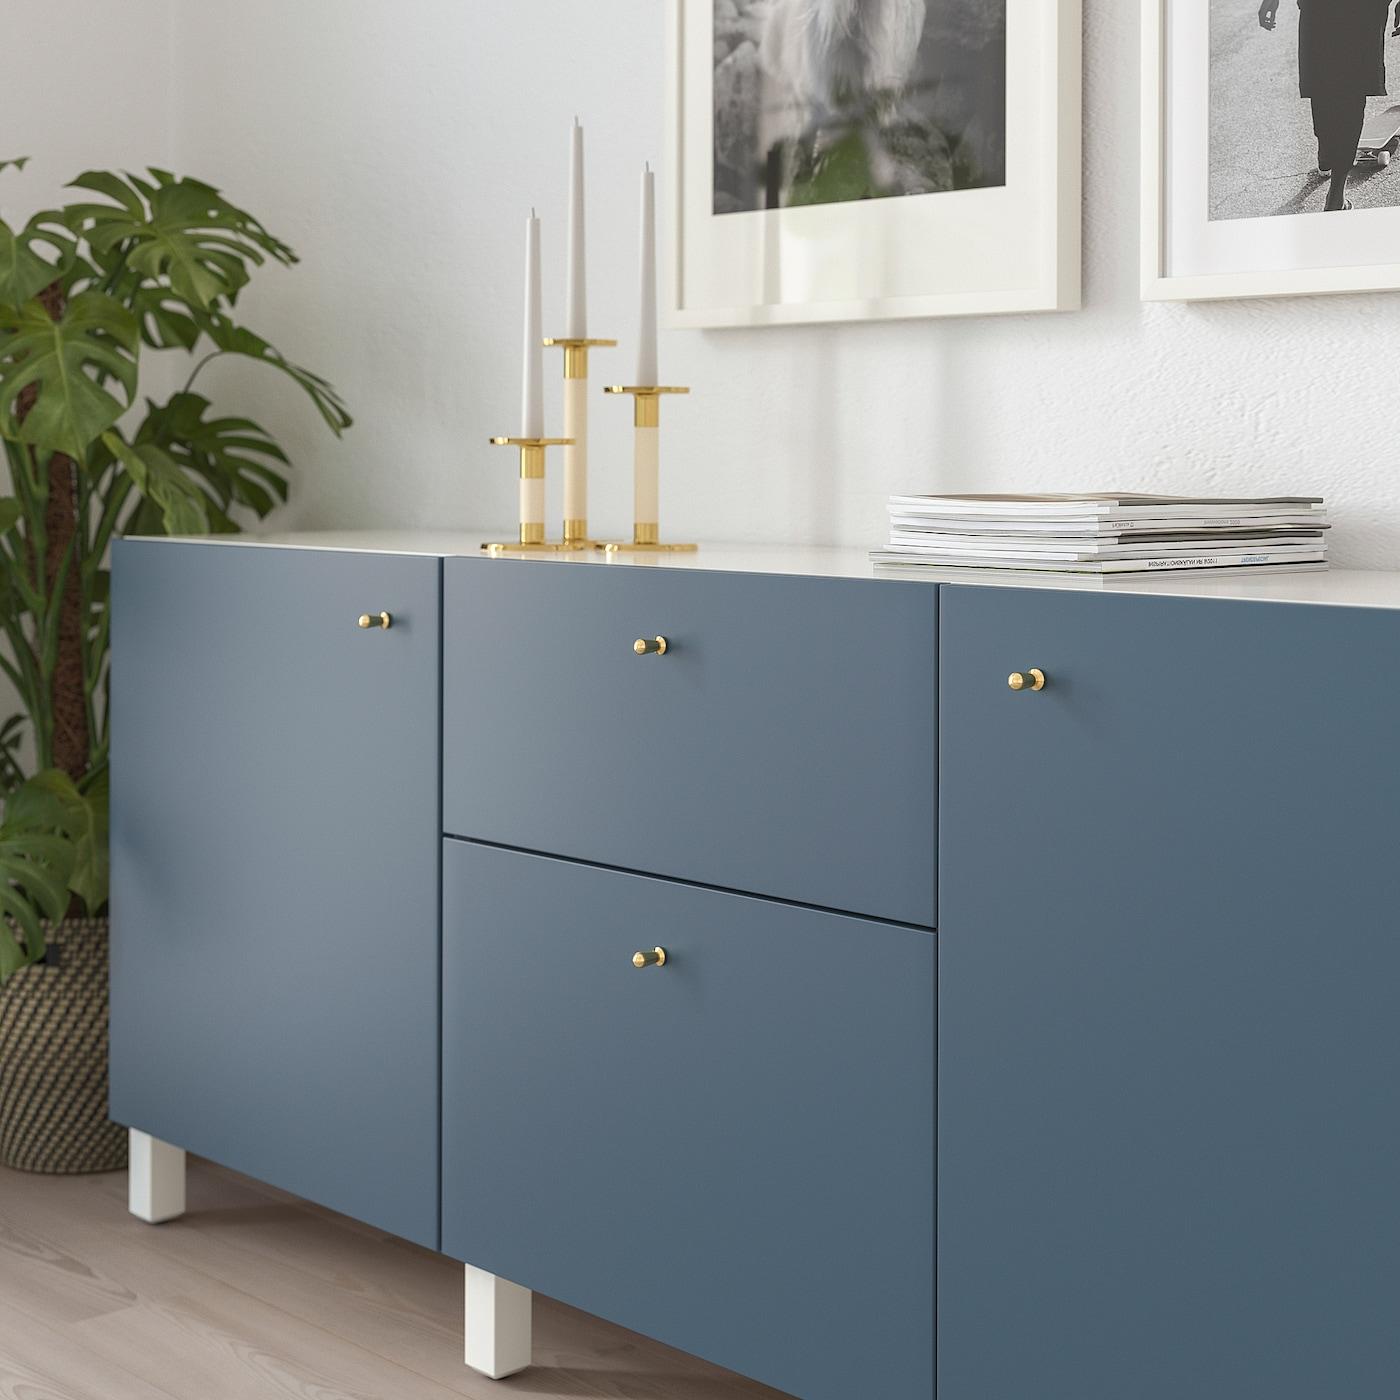 Picture of: Bagganas Knop Messingfarvet 13 Mm Ikea